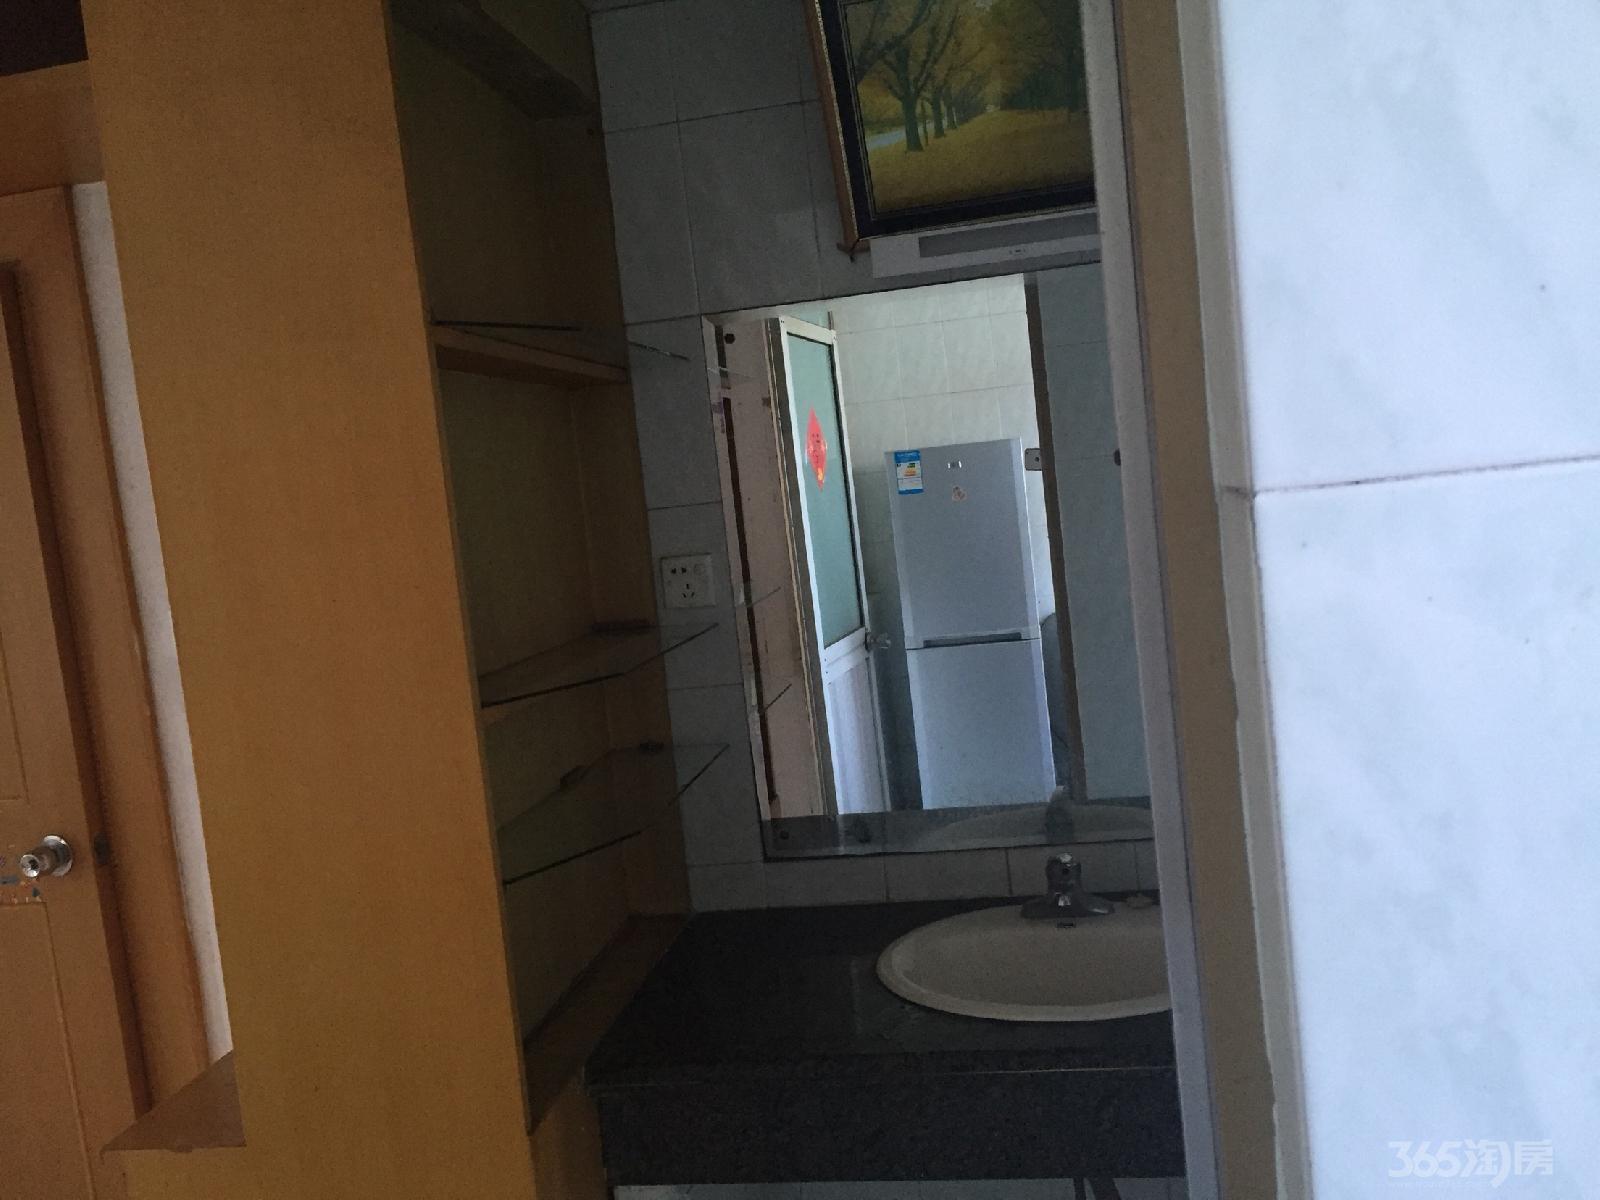 莲花四区2室2厅1卫76平米中装产权房2005年建满五年